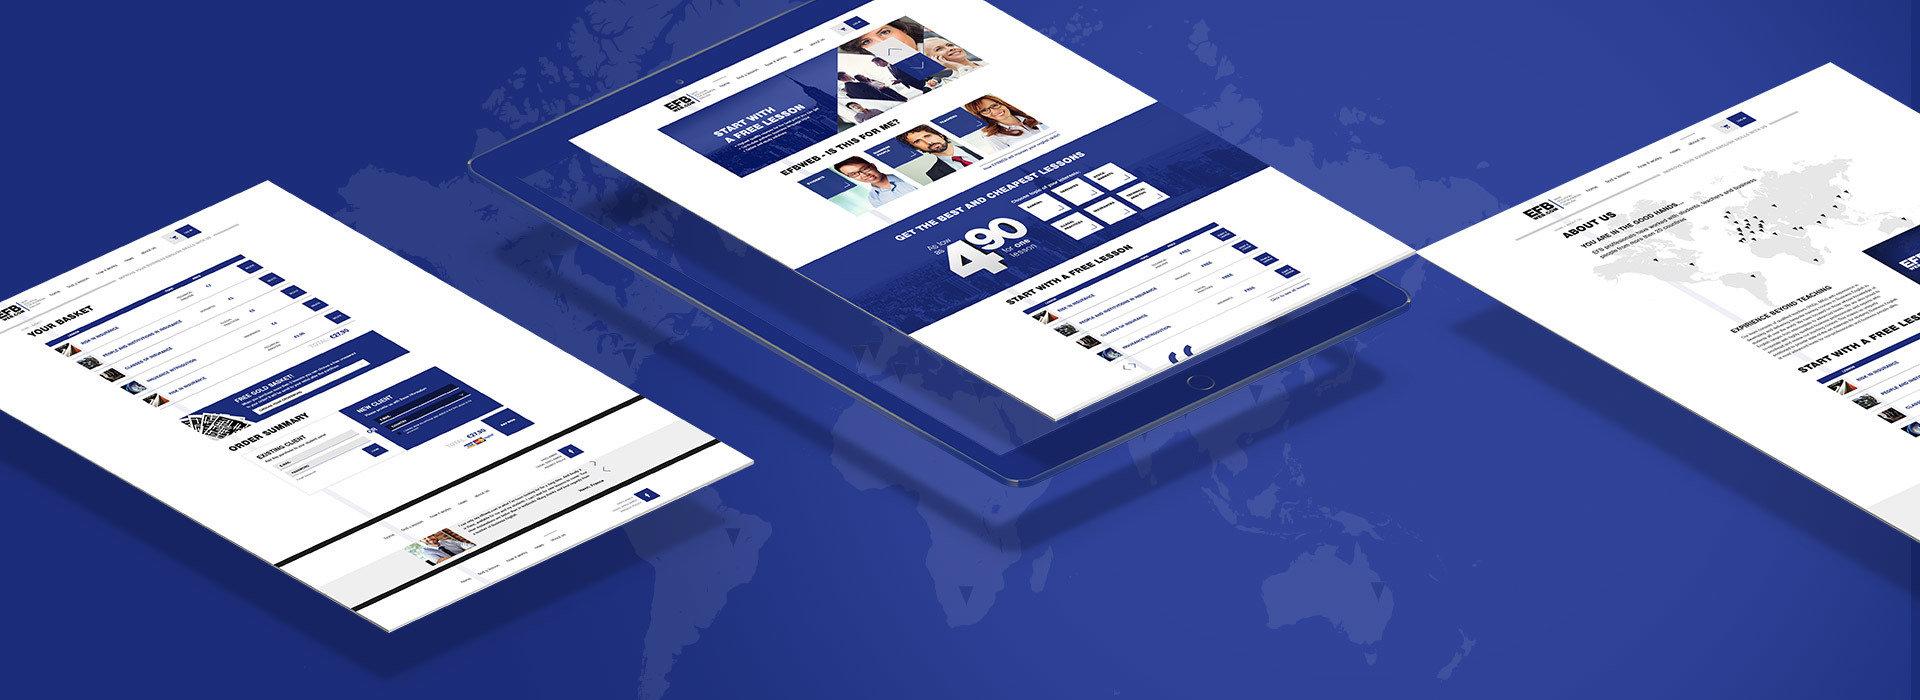 EFBWeb - praktyczne narzędzie do nauki Business English